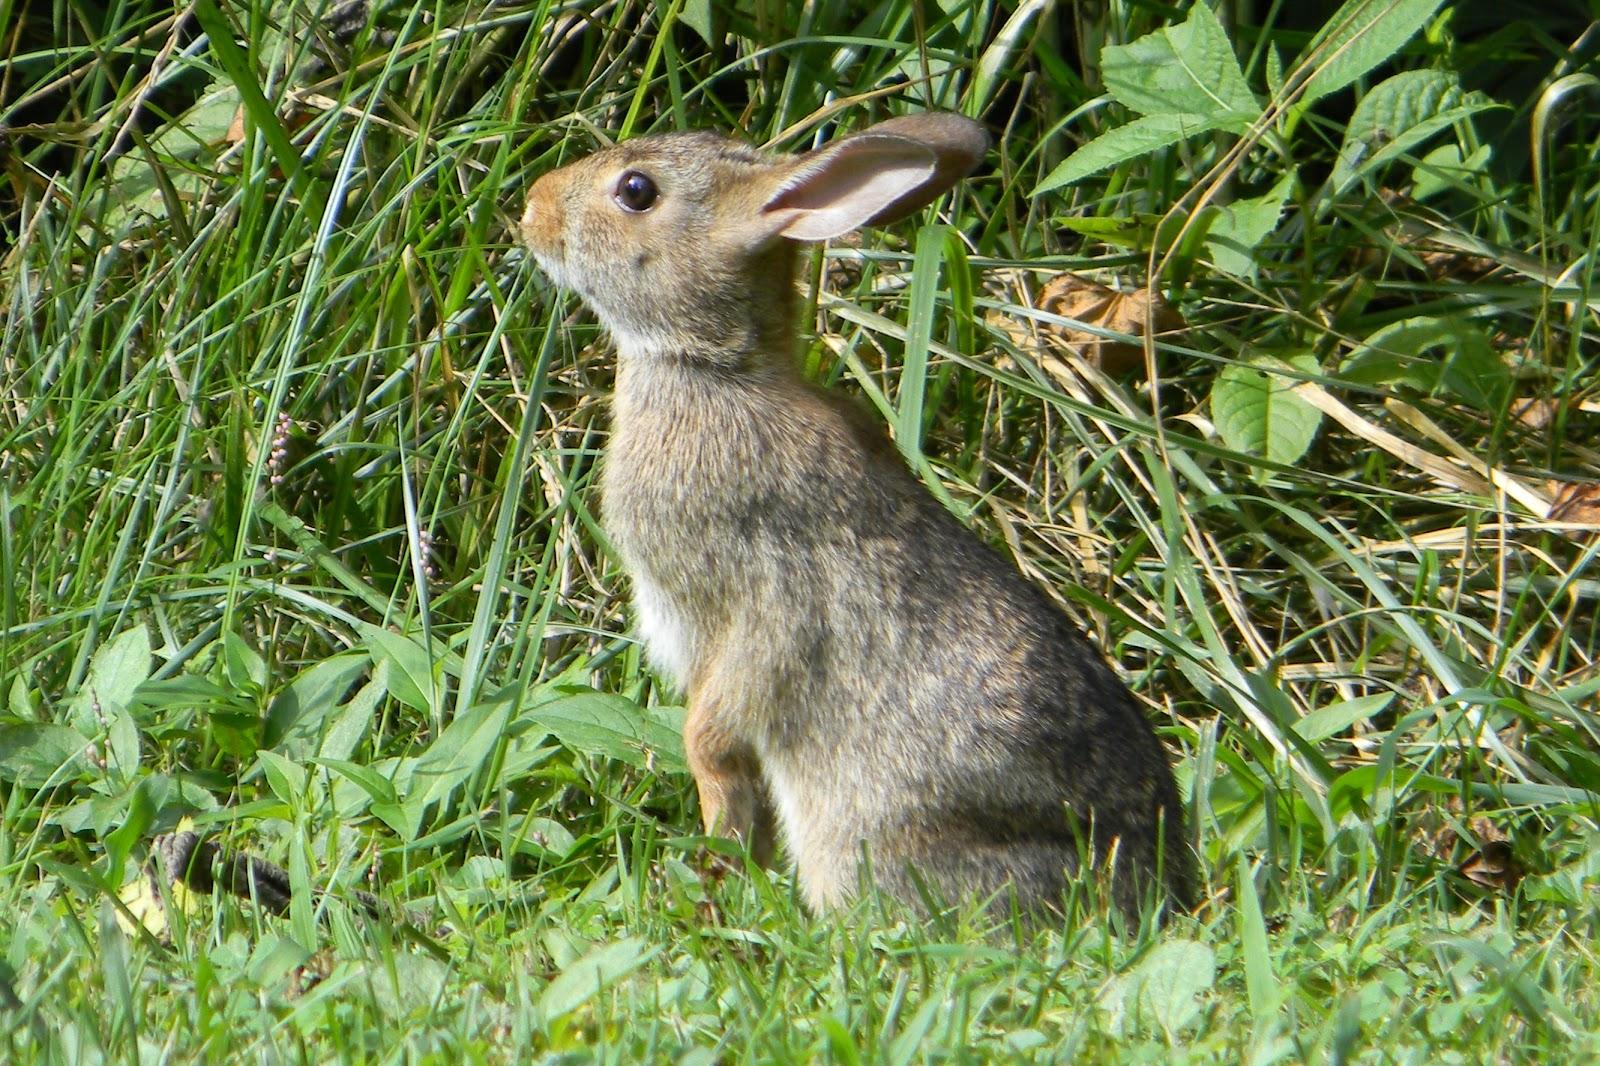 Rabbit_in_Field.jpg